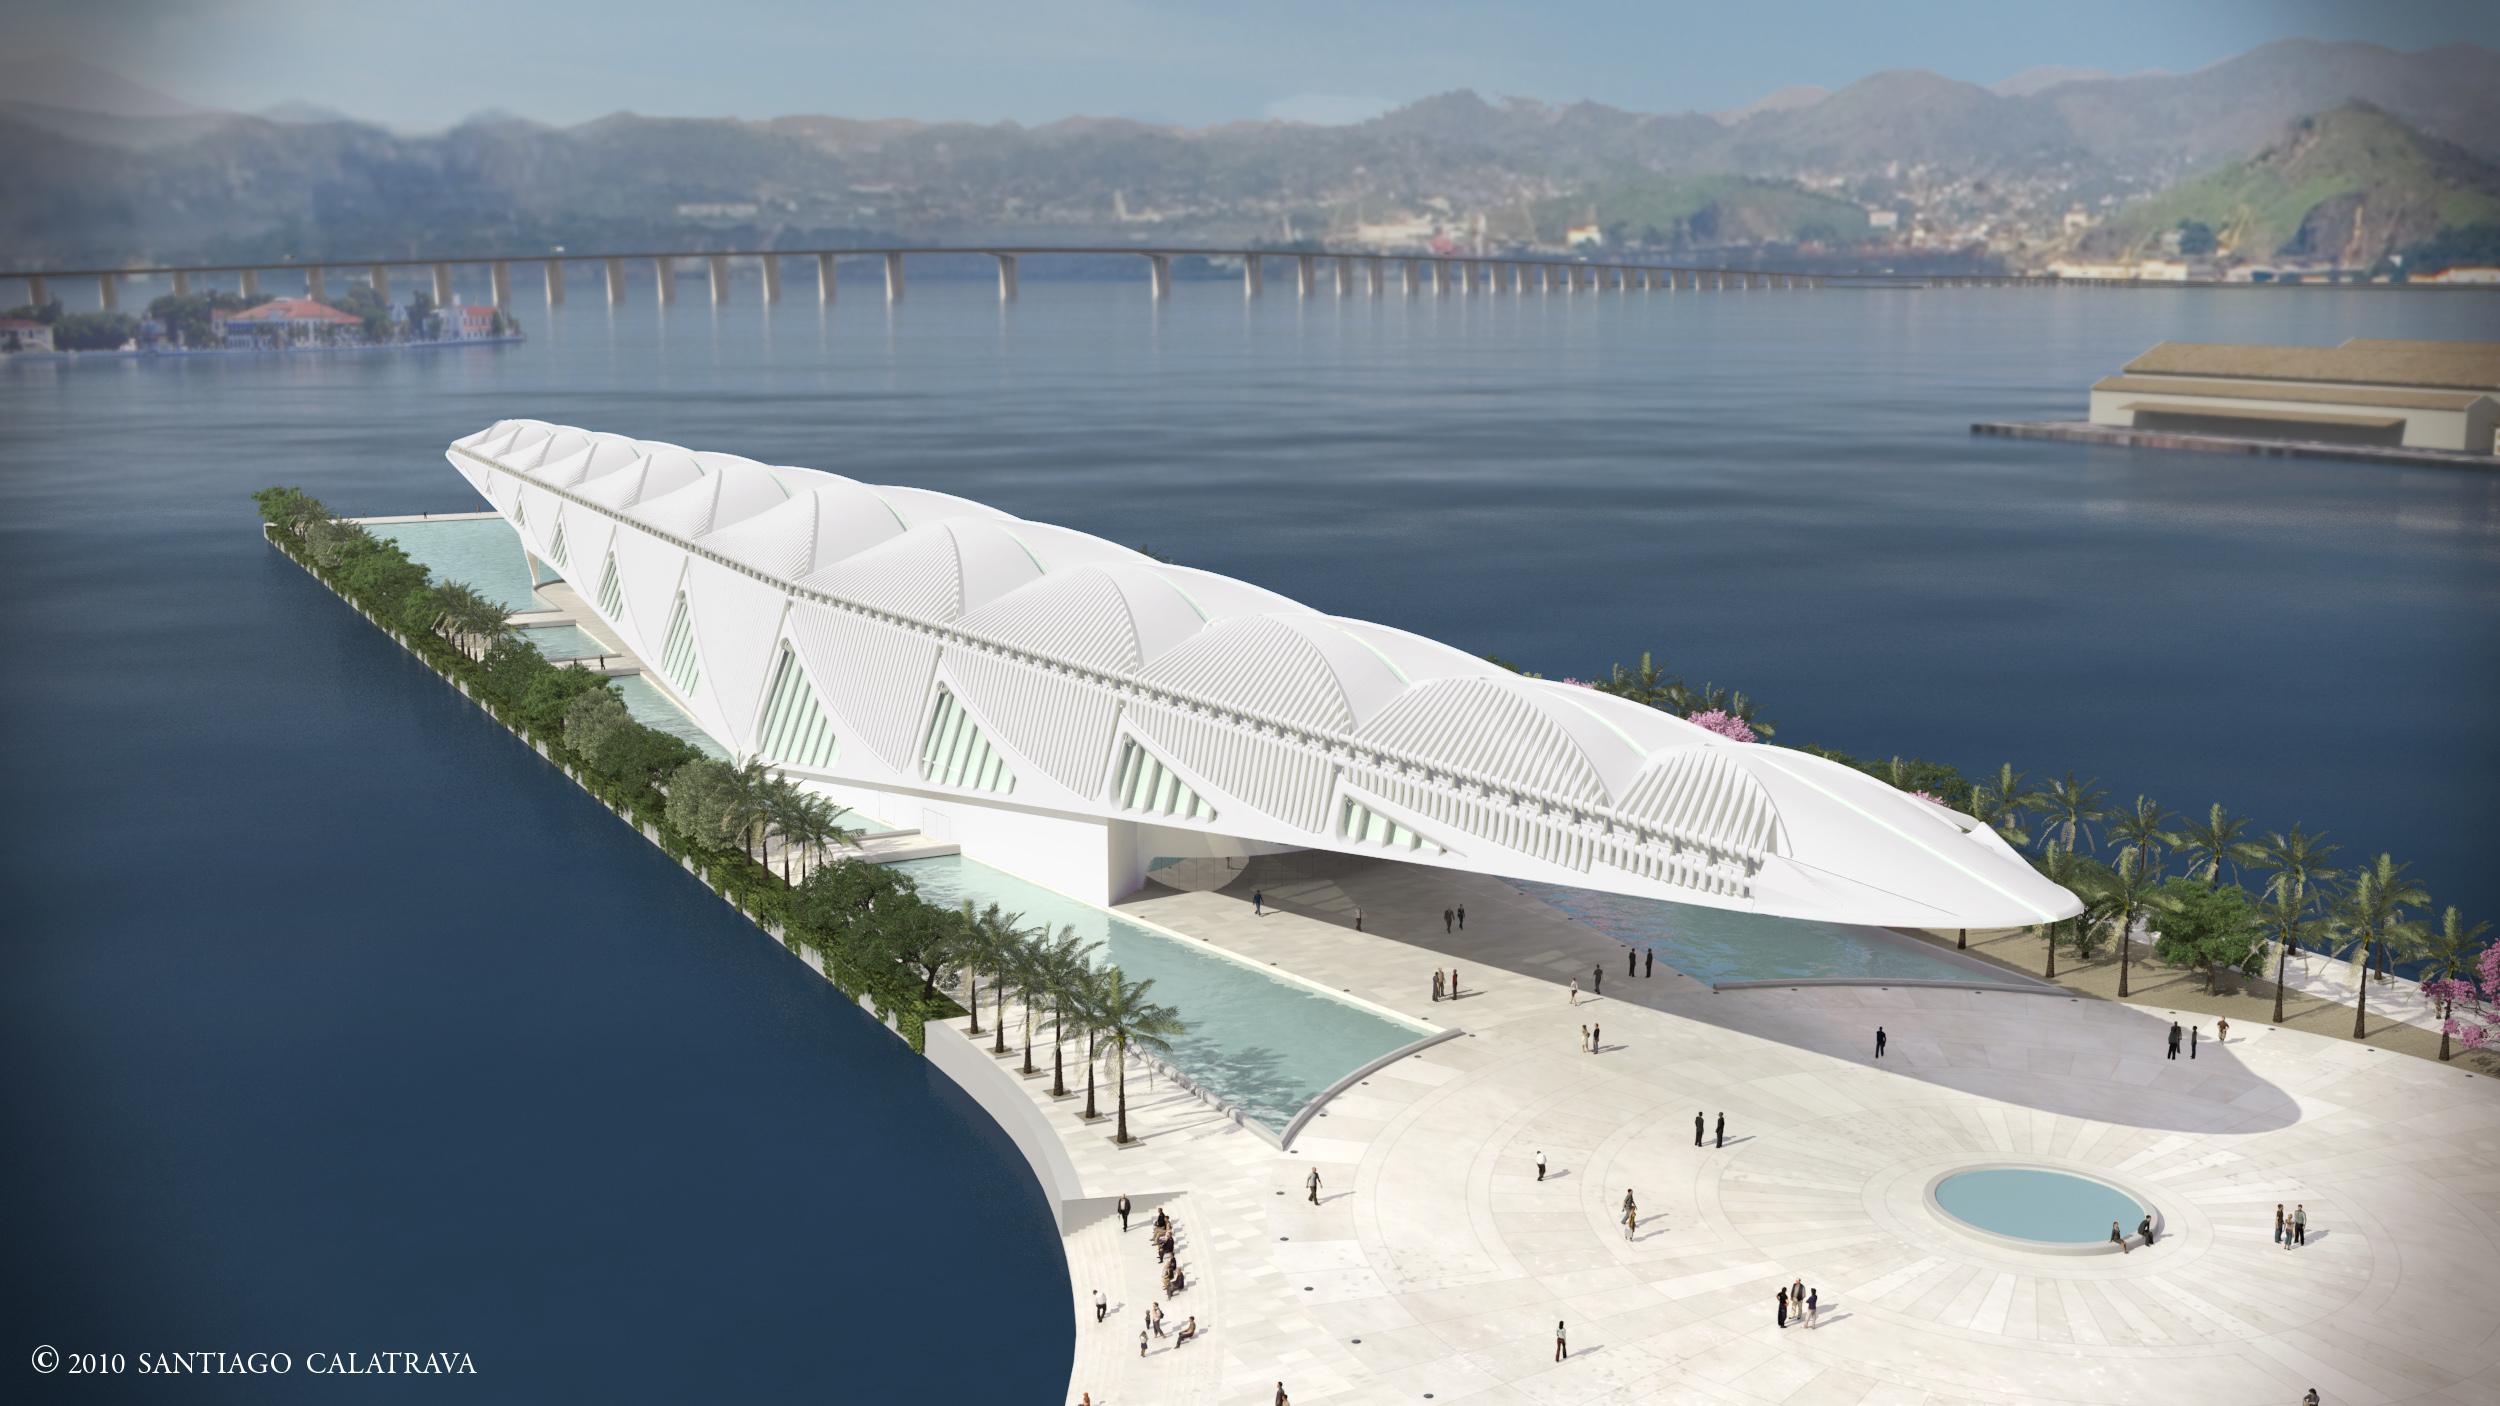 Porto Maravilha: Prefeitura dá início às obras do prédio do Museu do Amanhã